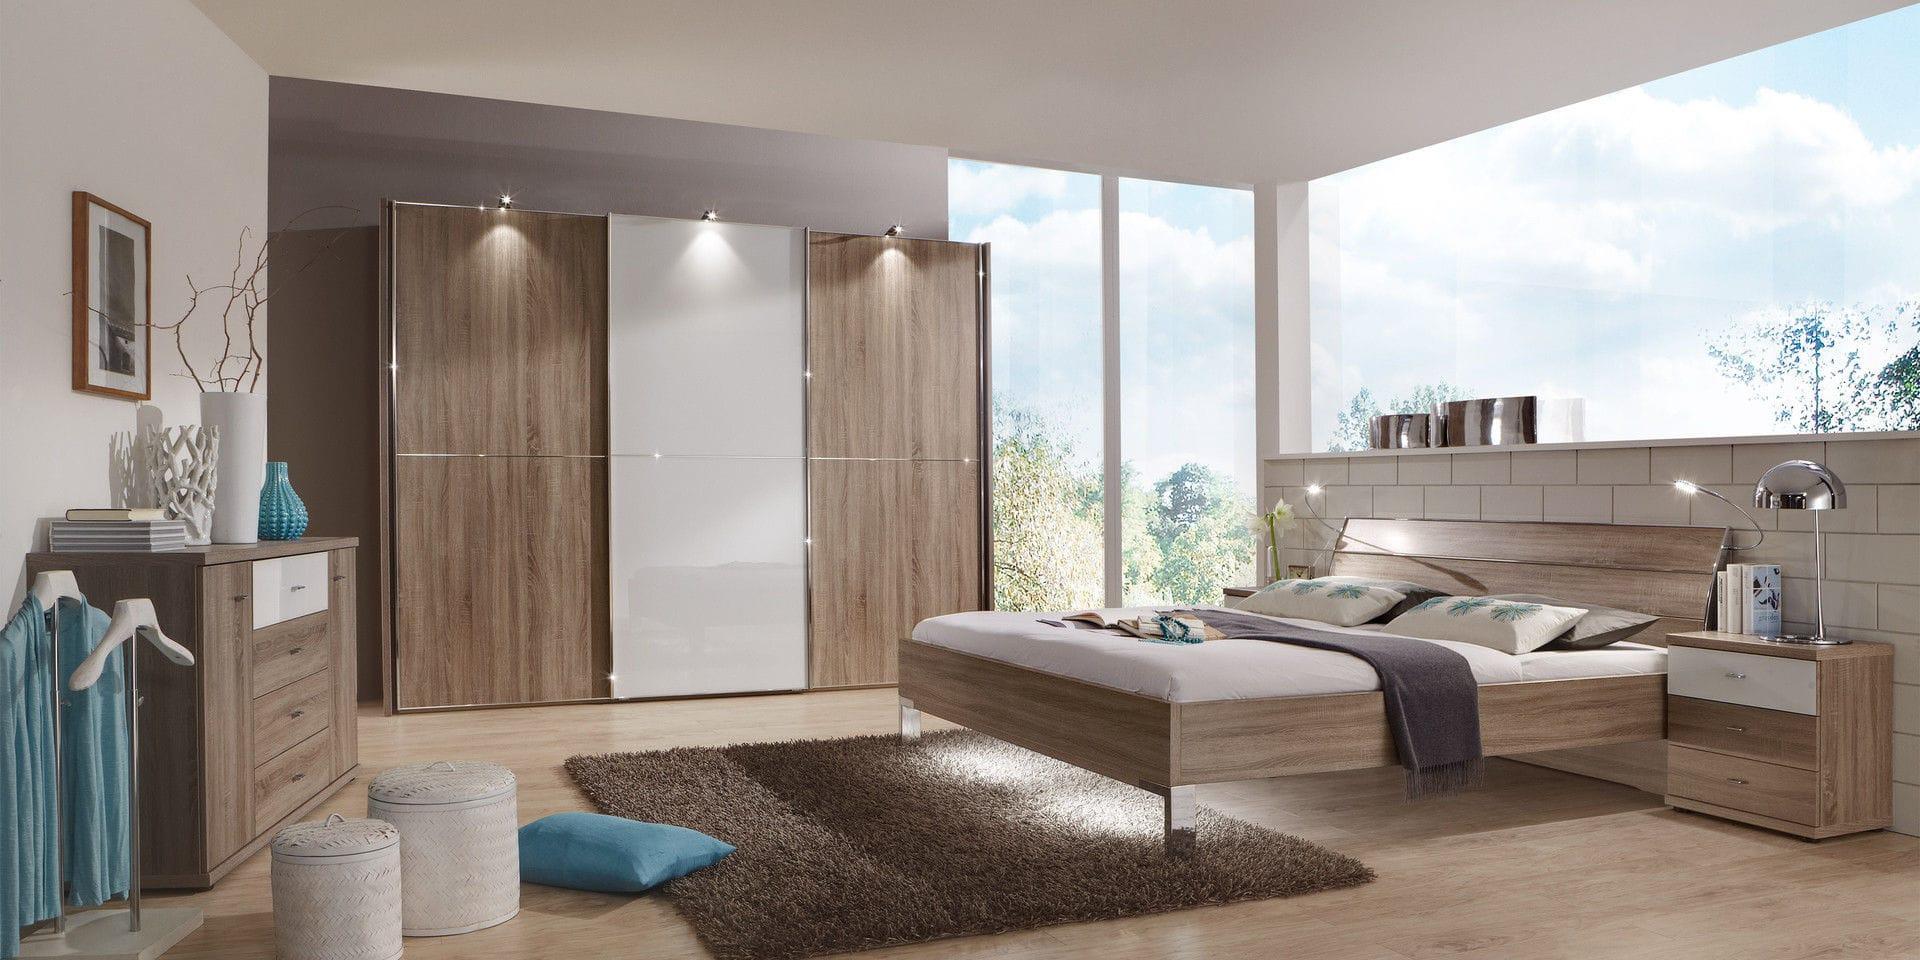 armario moderno de madera de vidrio con puertas corredizas miami wiemann